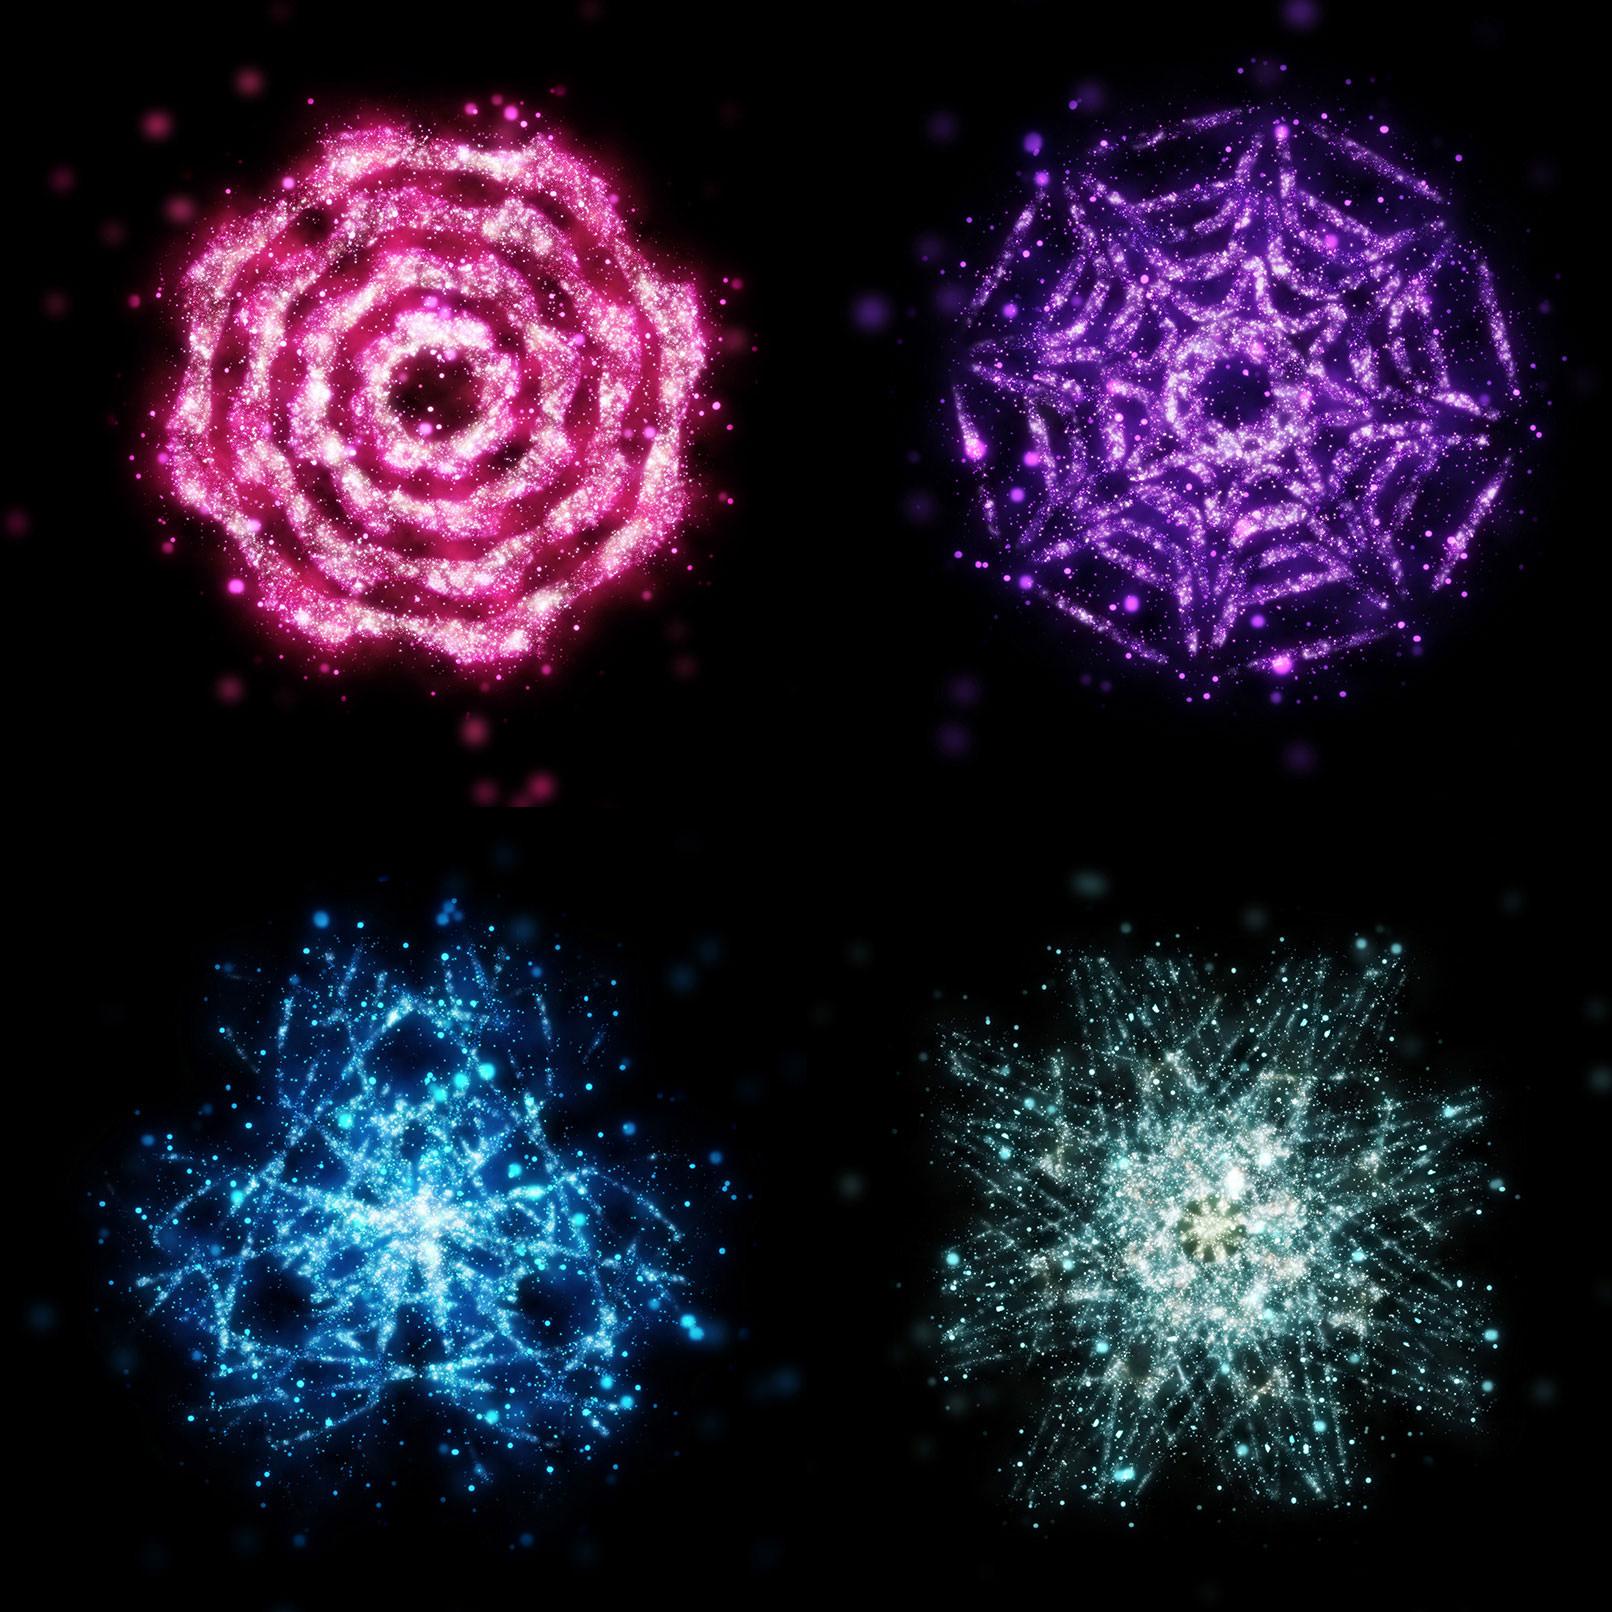 Sterne-Bilder und Sterne-Hintergrund für Glitzereffekte